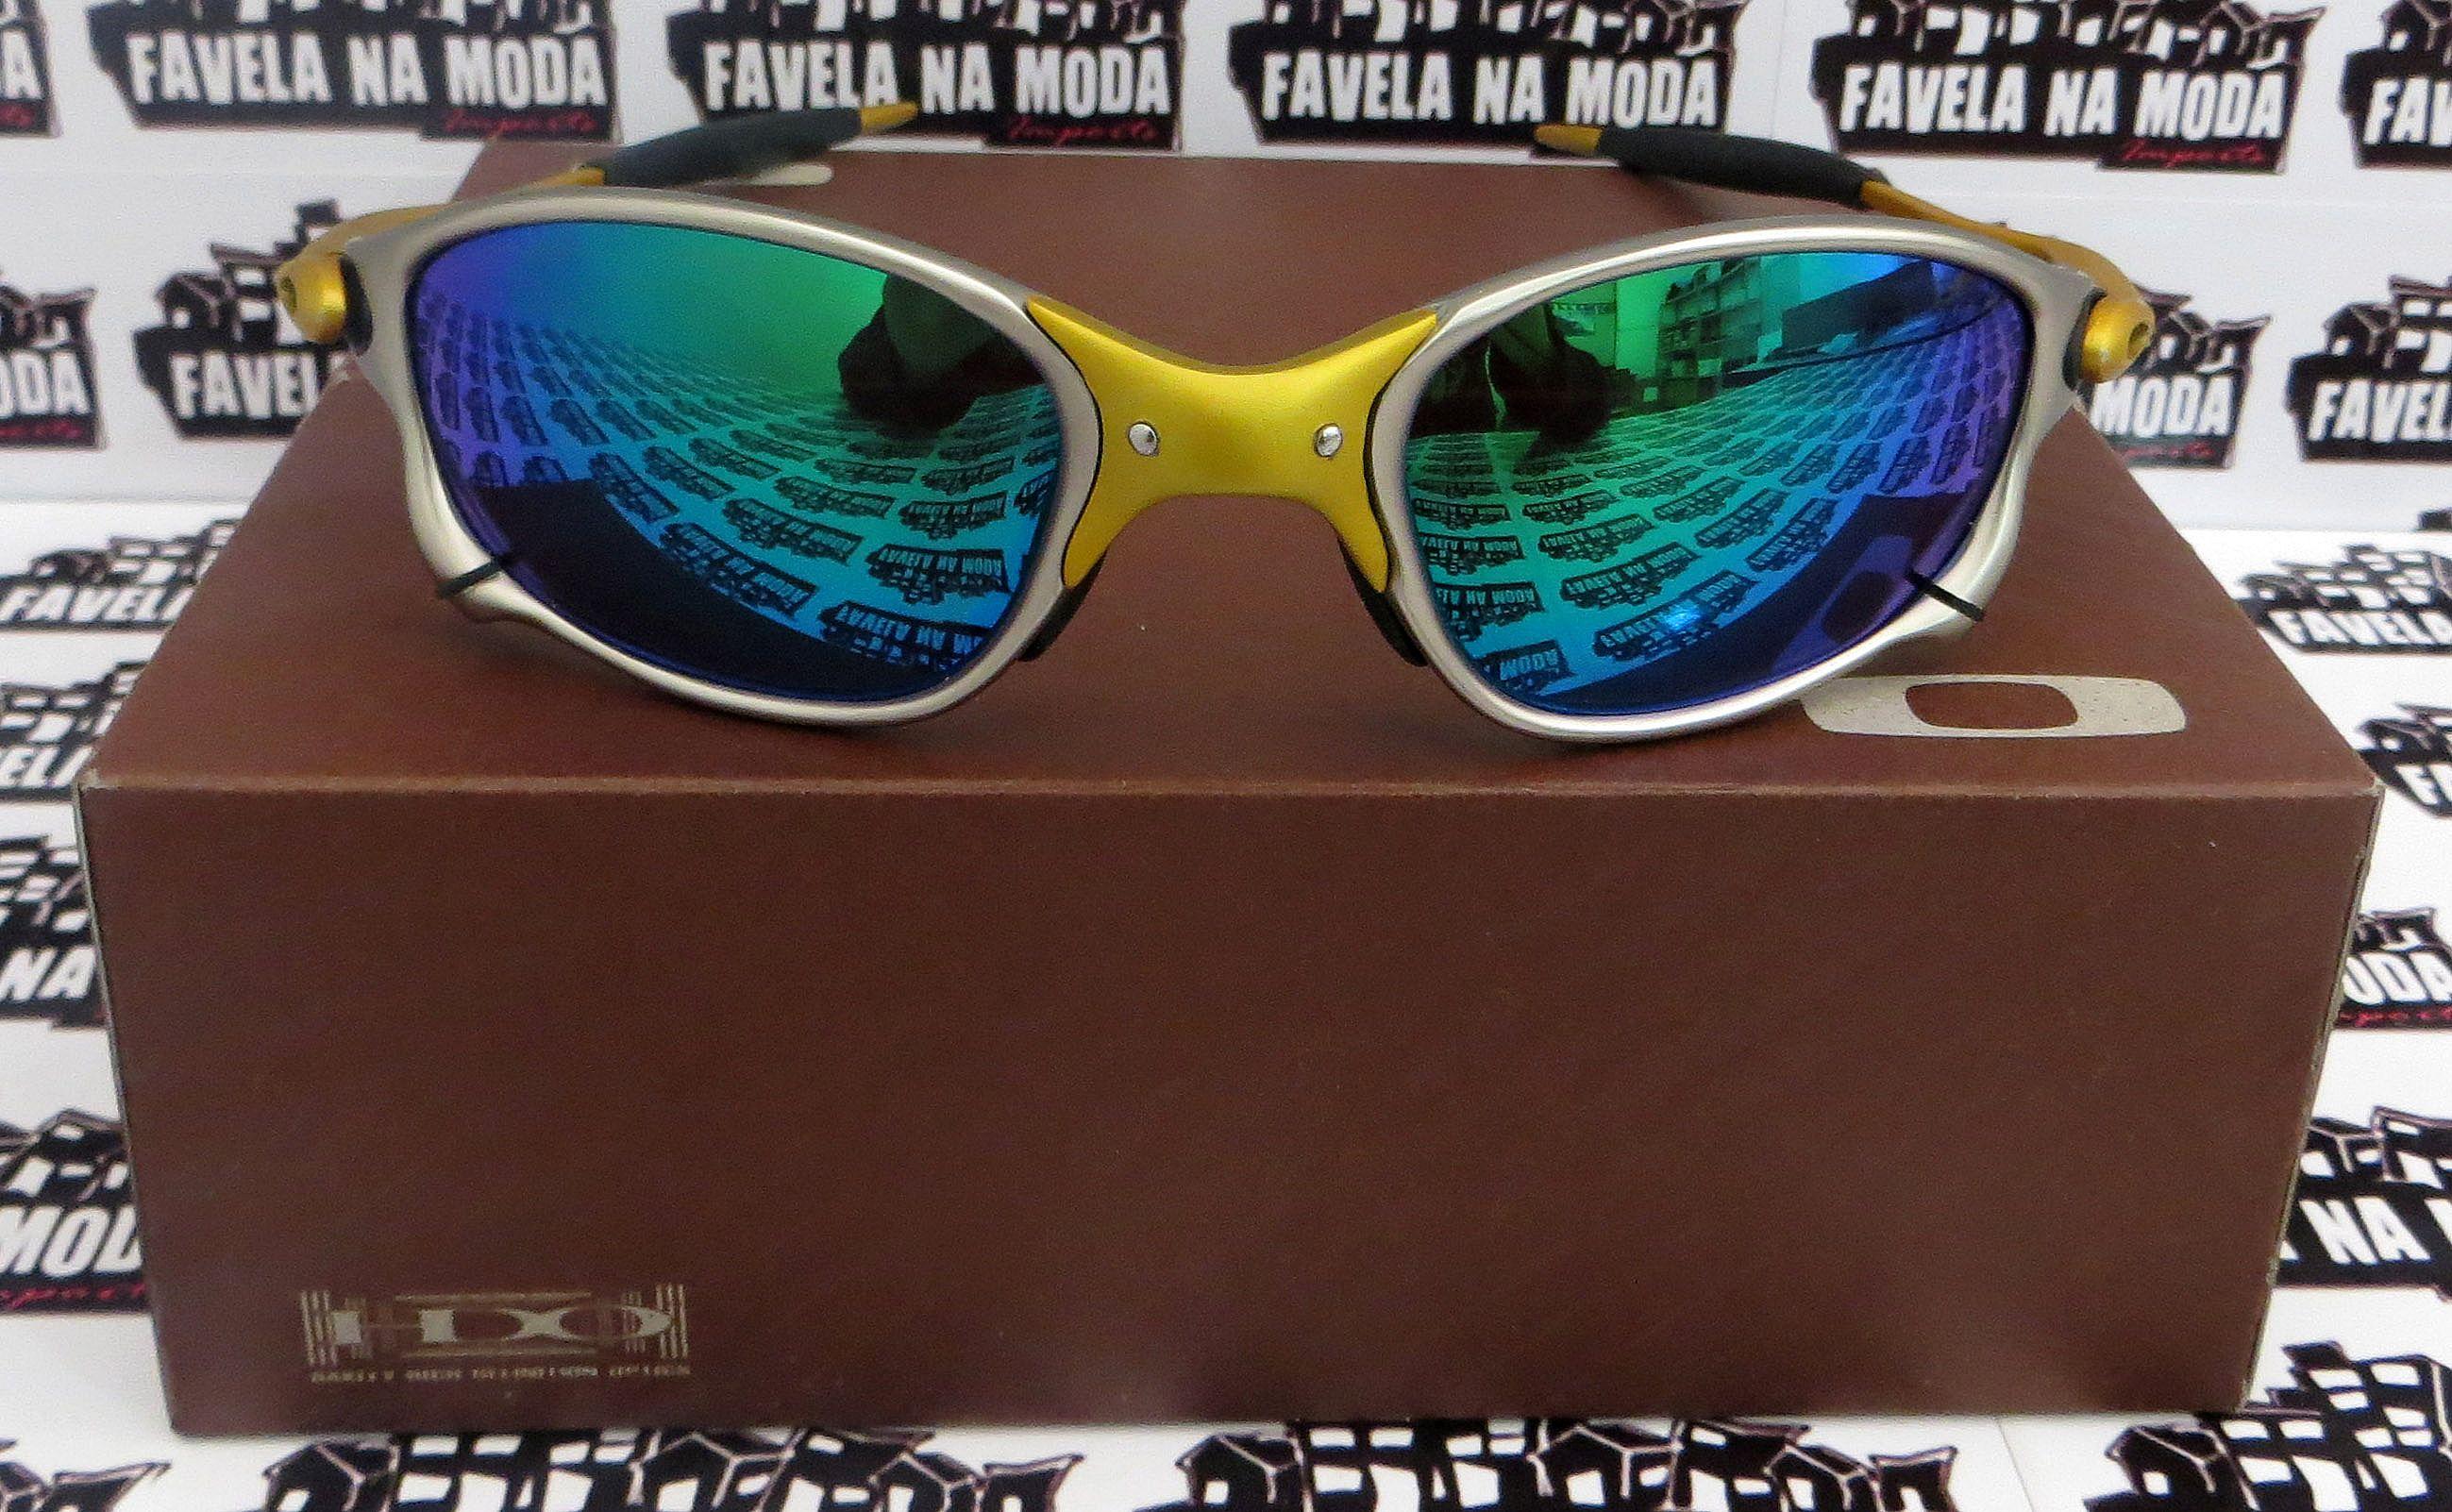 c9be8b93ebe8c Óculos Oakley Double xx - 24k   Green Jade   Borrachas Pretas